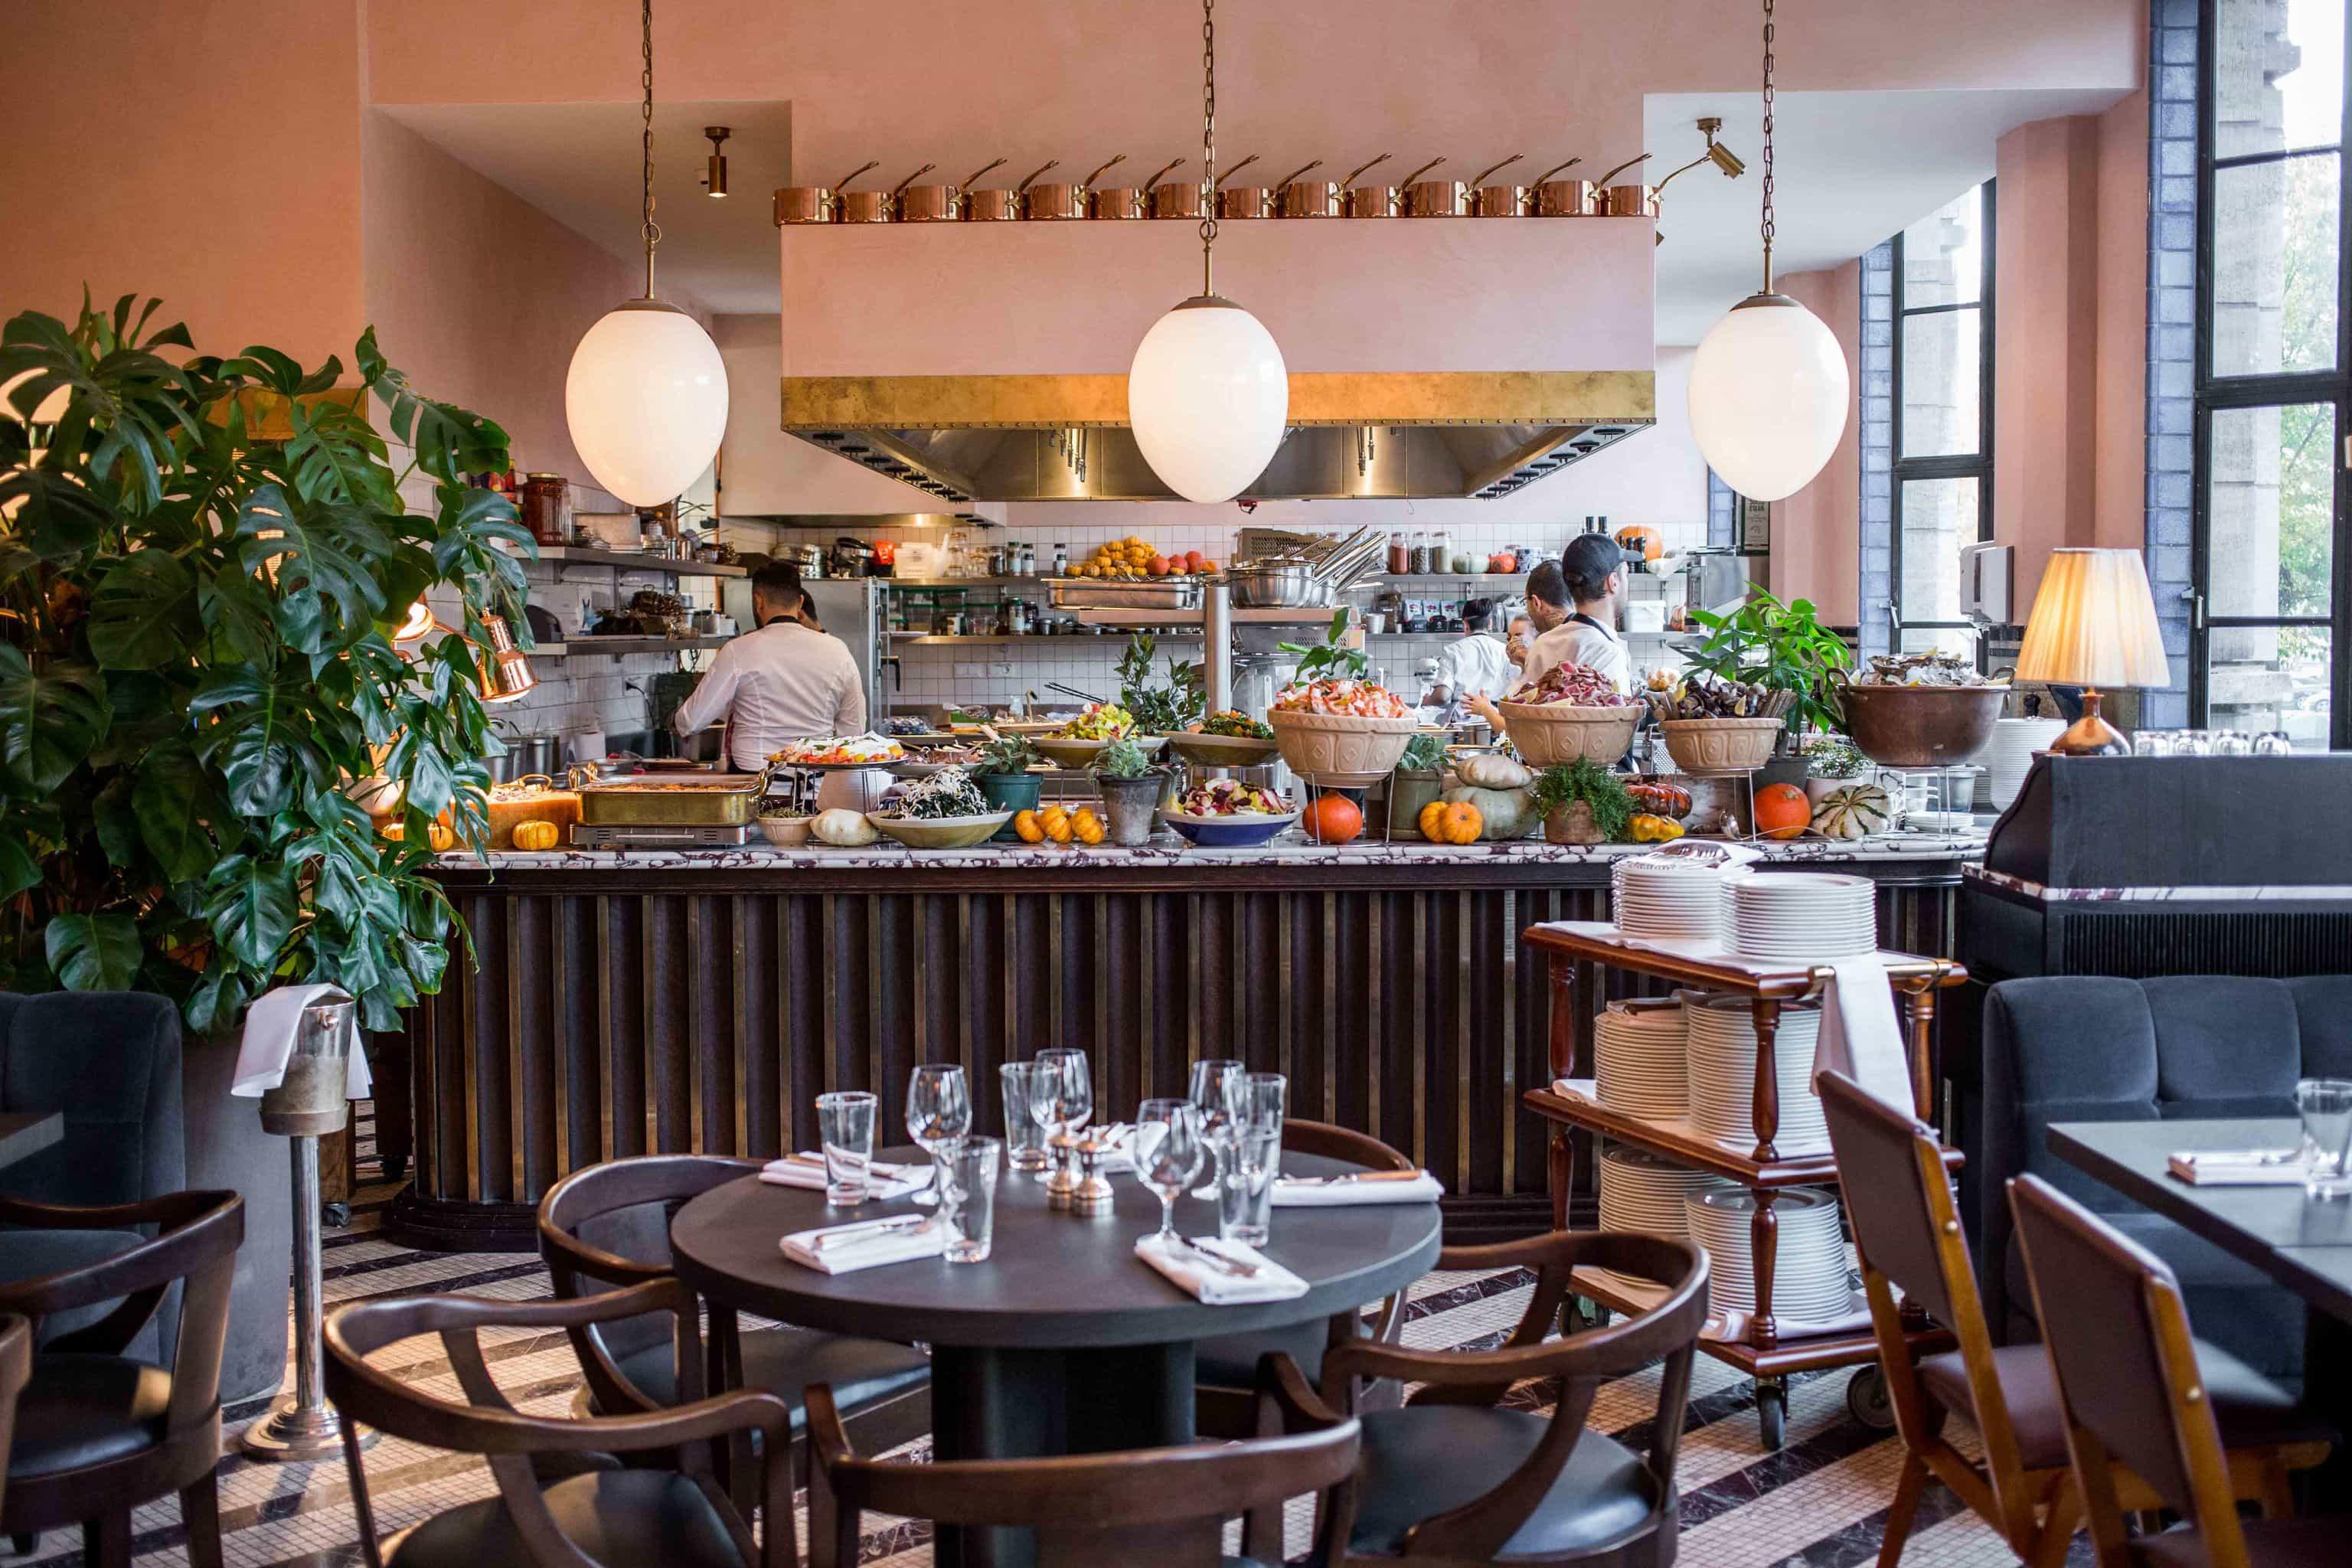 cecconis amsterdam 3 - Culinessa tips: Restaurant Cecconi's Amsterdam